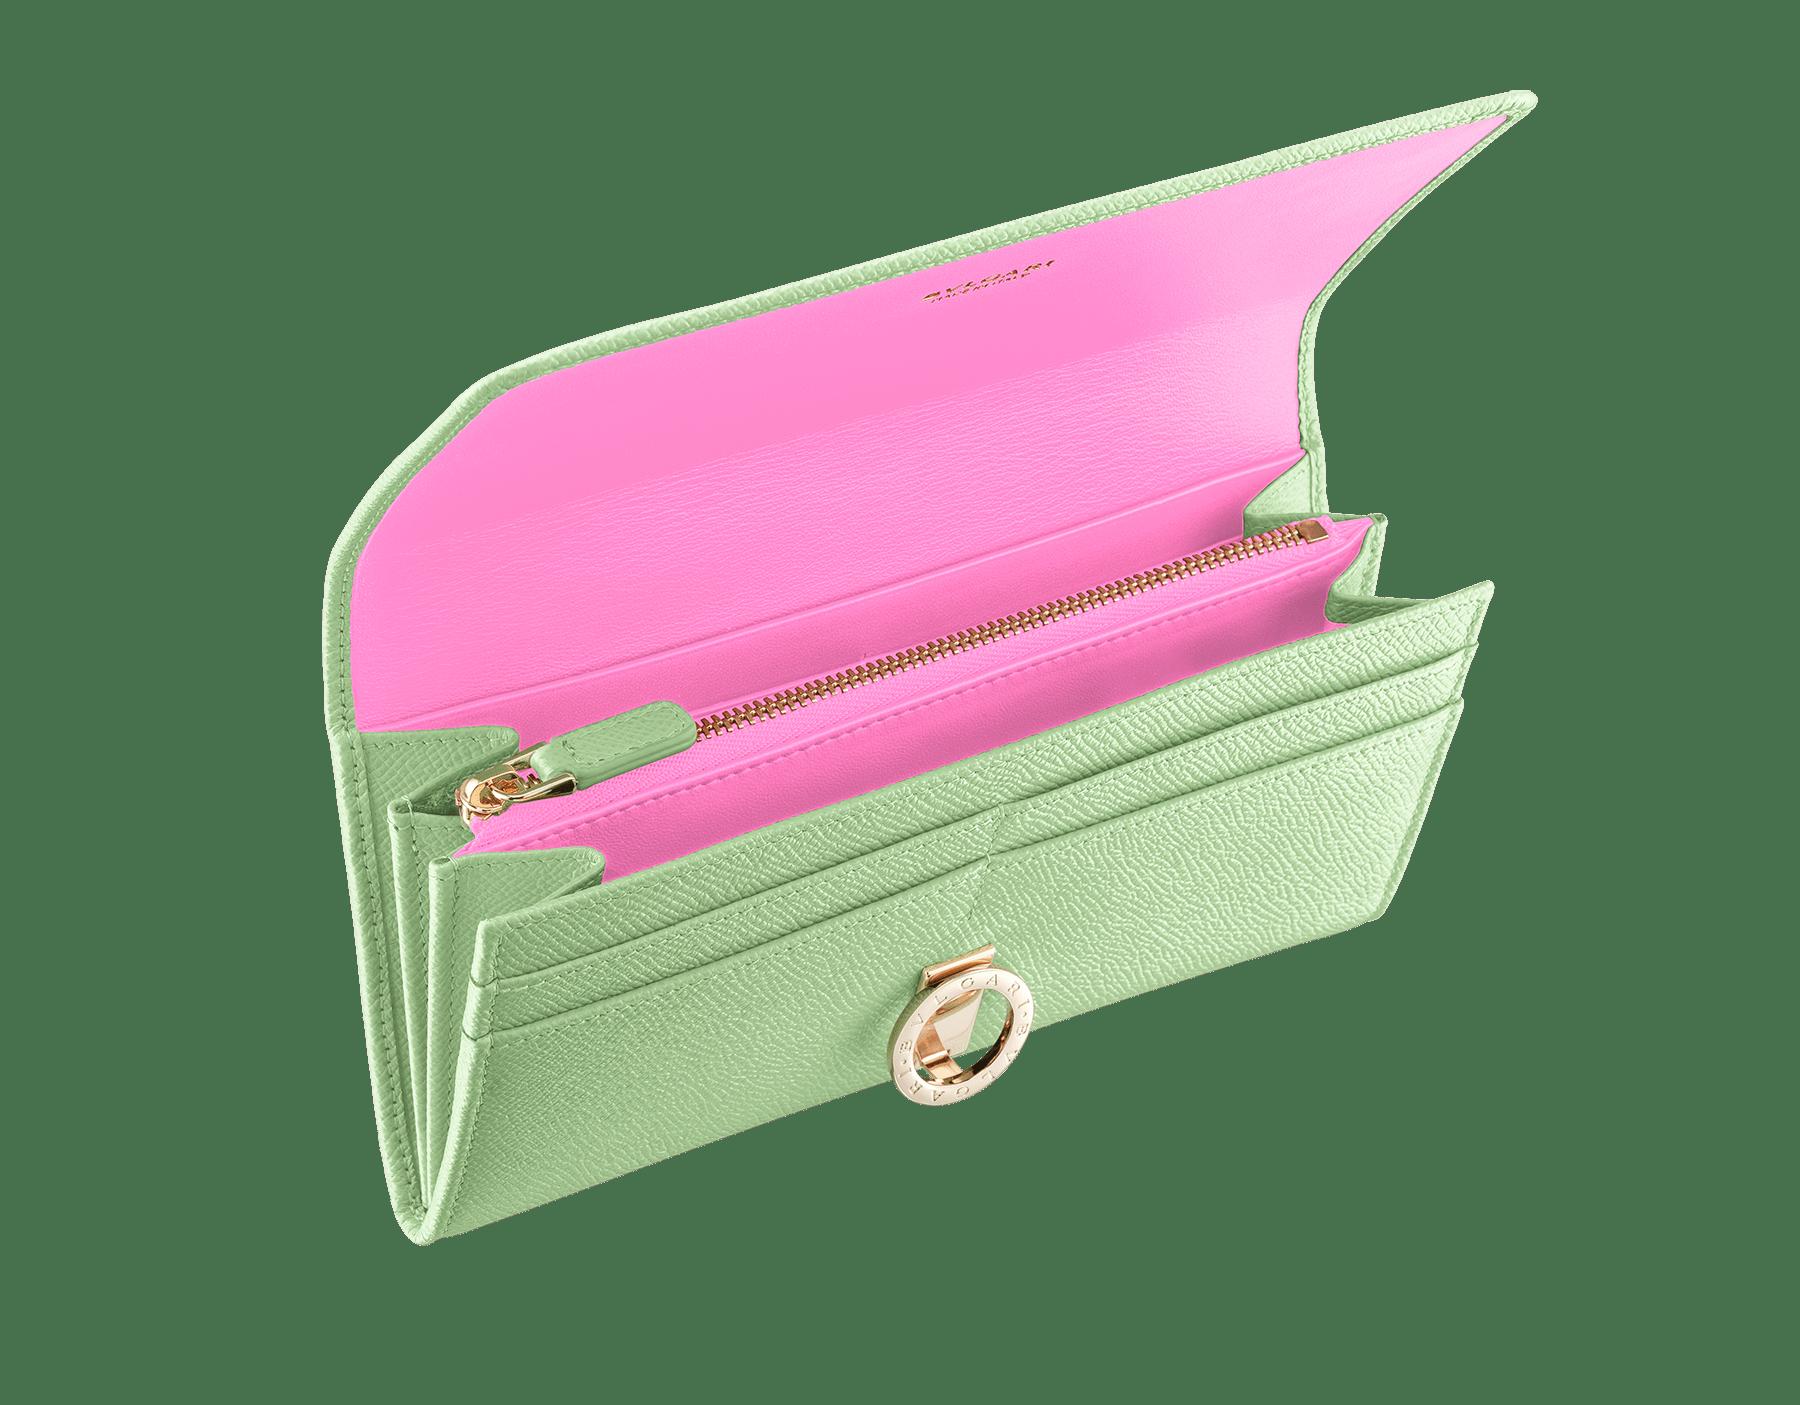 鮮やかなミントのグレインカーフレザーとタフィークォーツのナッパレザーのラージサイズのブルガリ・ブルガリ ウォレット。ブラスライトゴールドプレートのアイコニックなロゴのクロージャークリップ。 289758 image 2